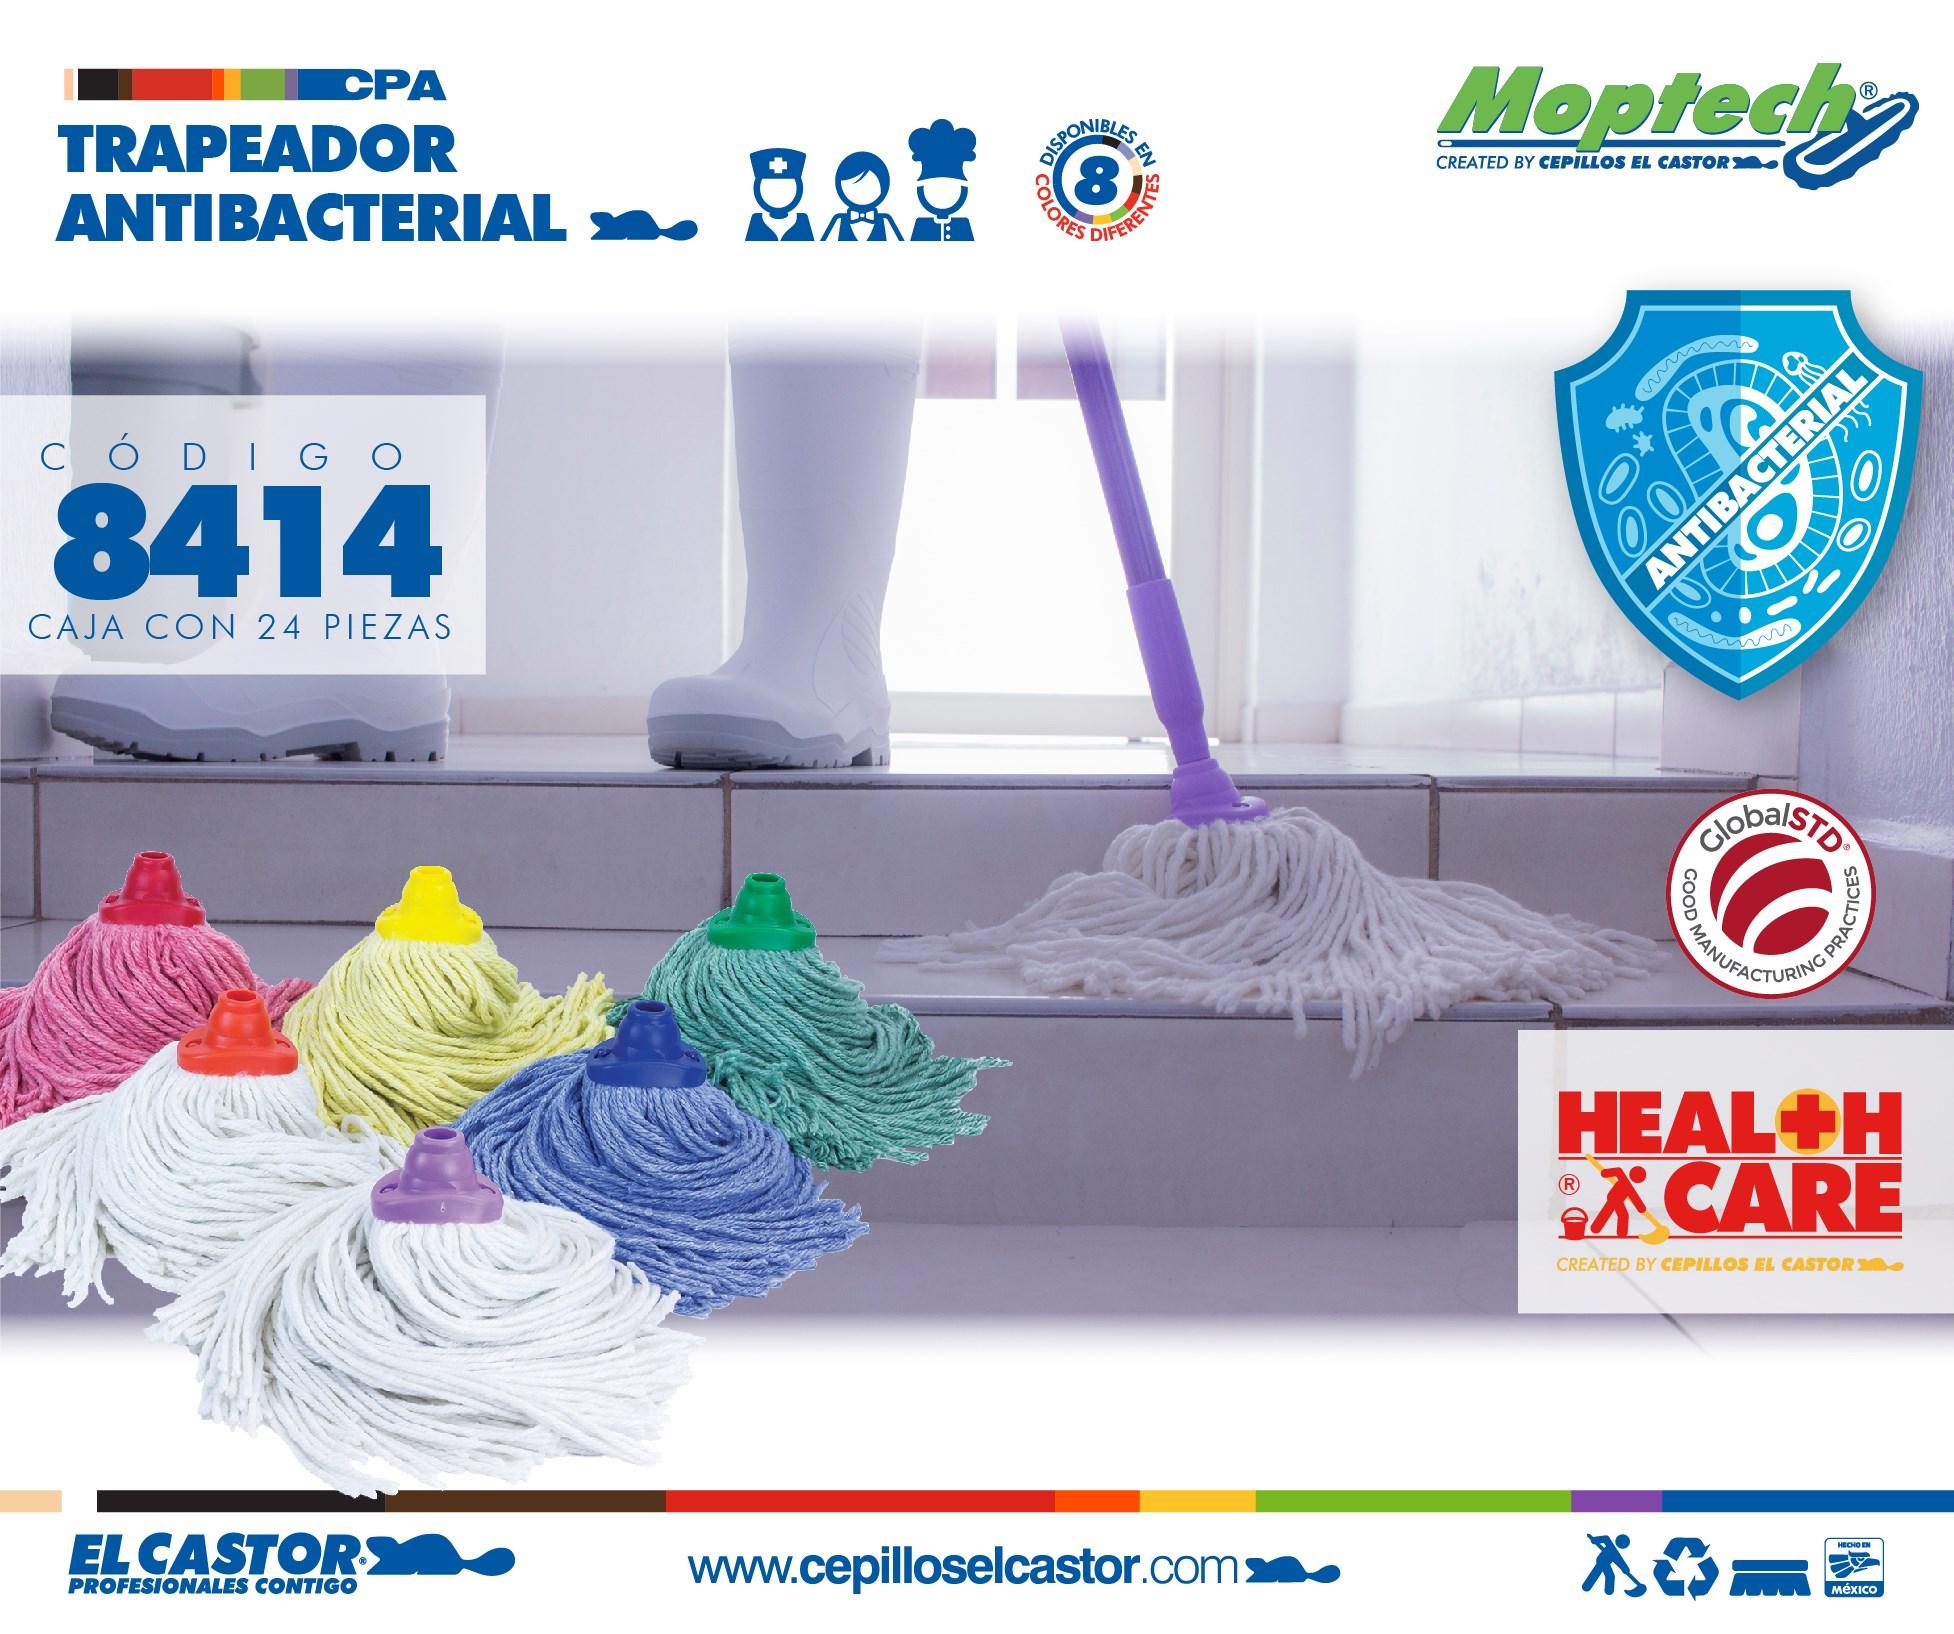 Trapeador Antibacterial 14 oz